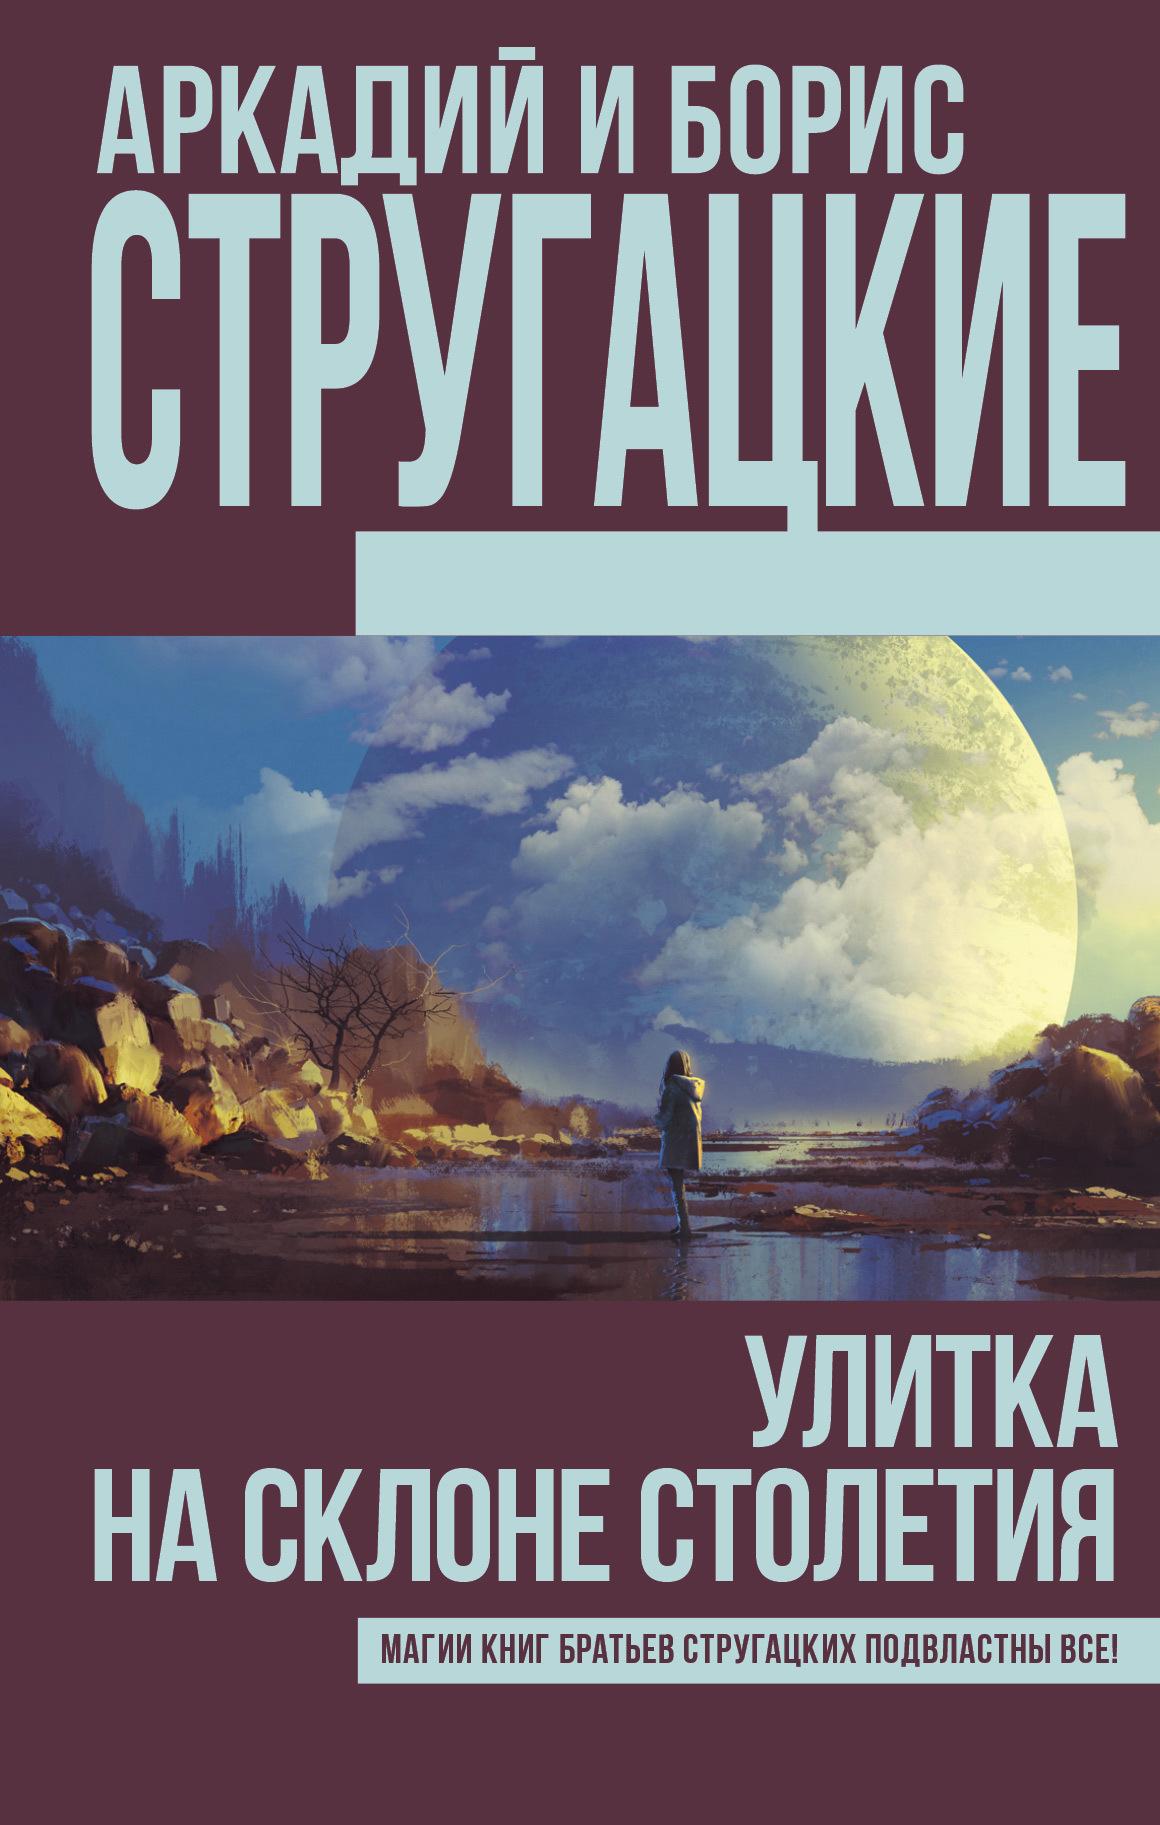 Аркадий и Борис Стругацкие - Улитка на склоне столетия (сборник)